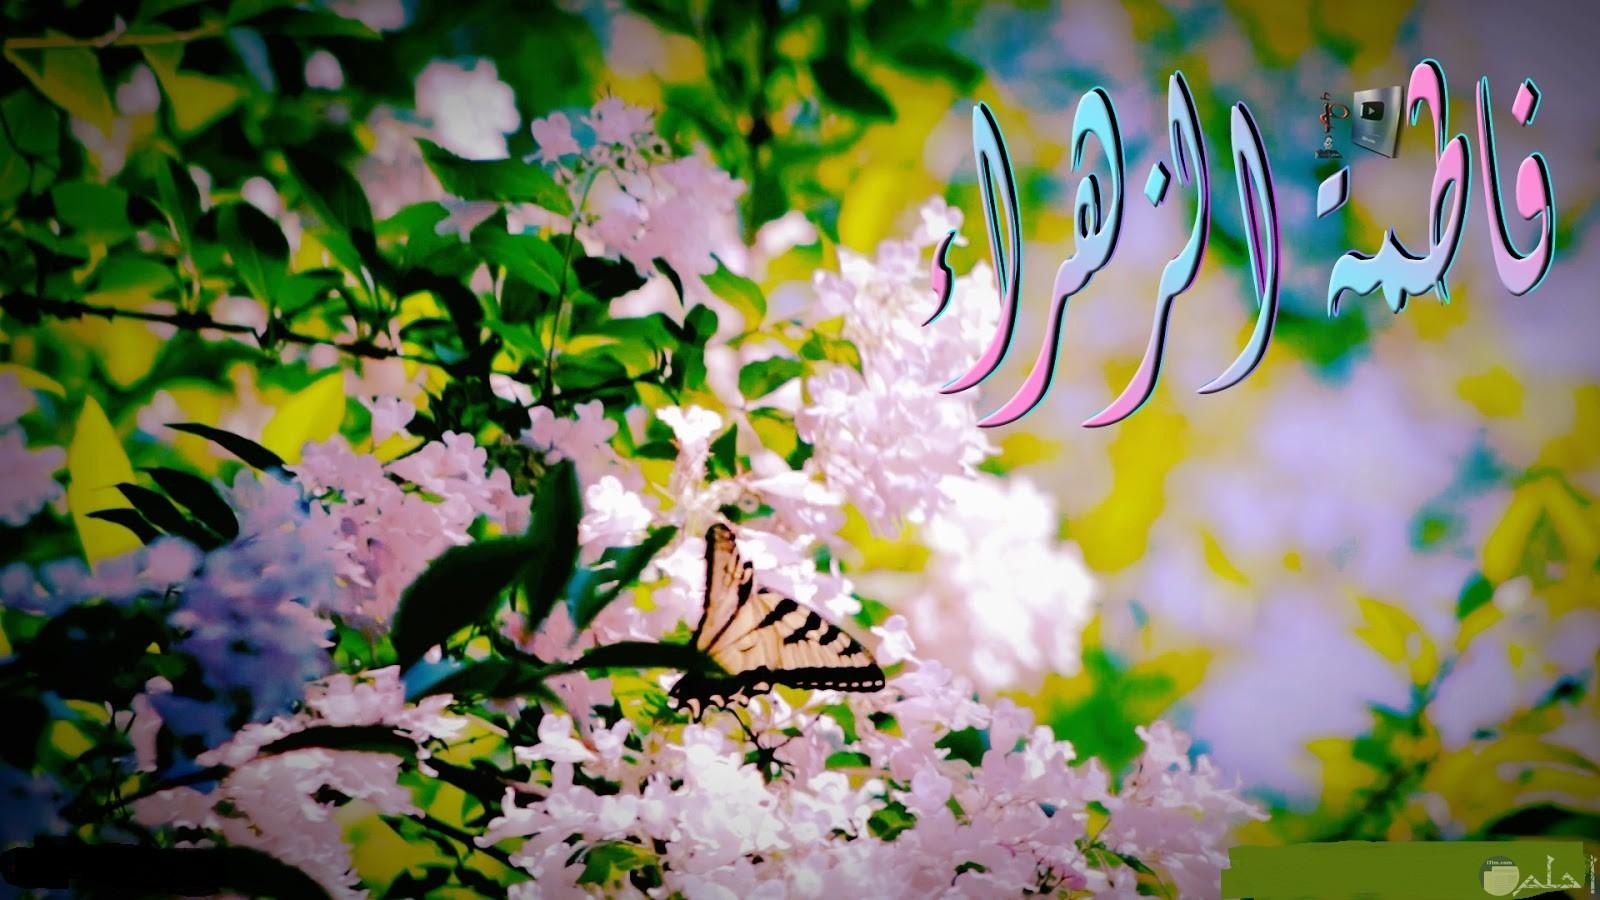 الزهور تتزين بإسم فاطمة الزهراء